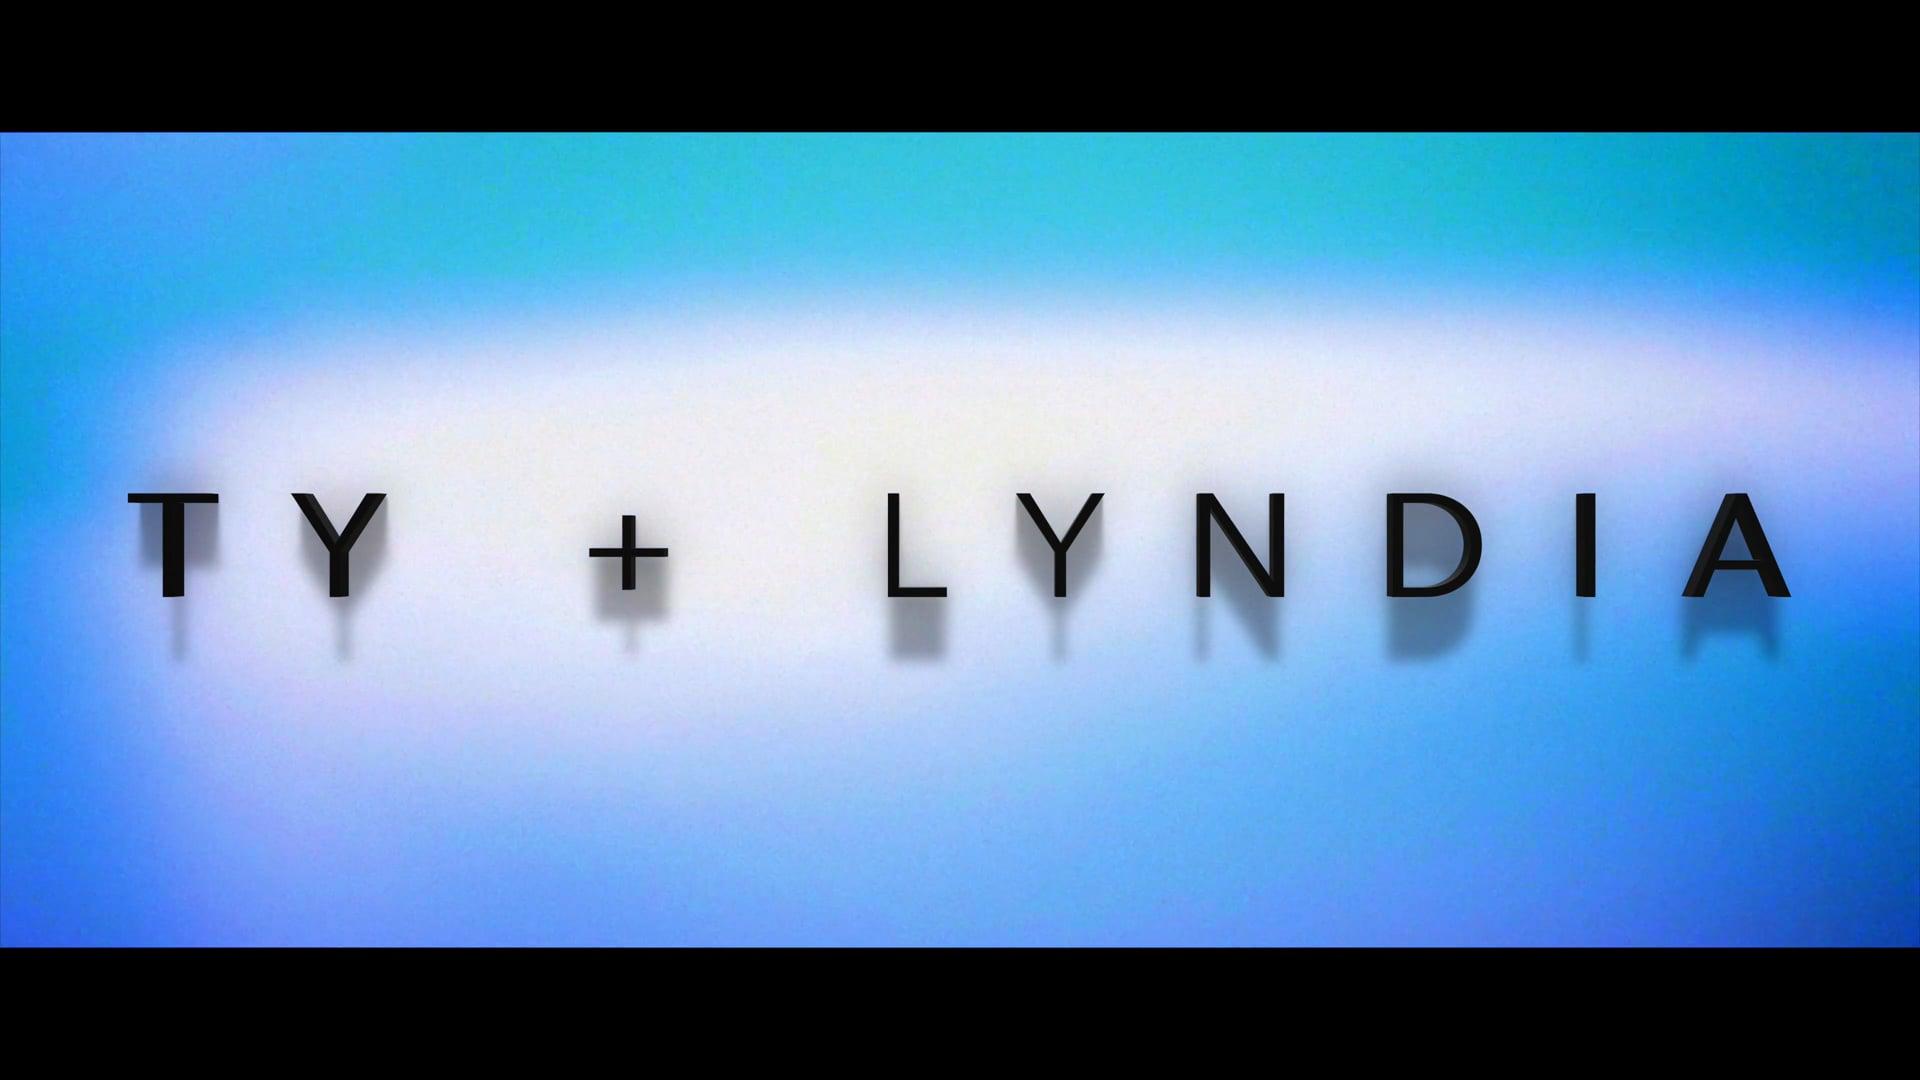 Ty + Lyndia